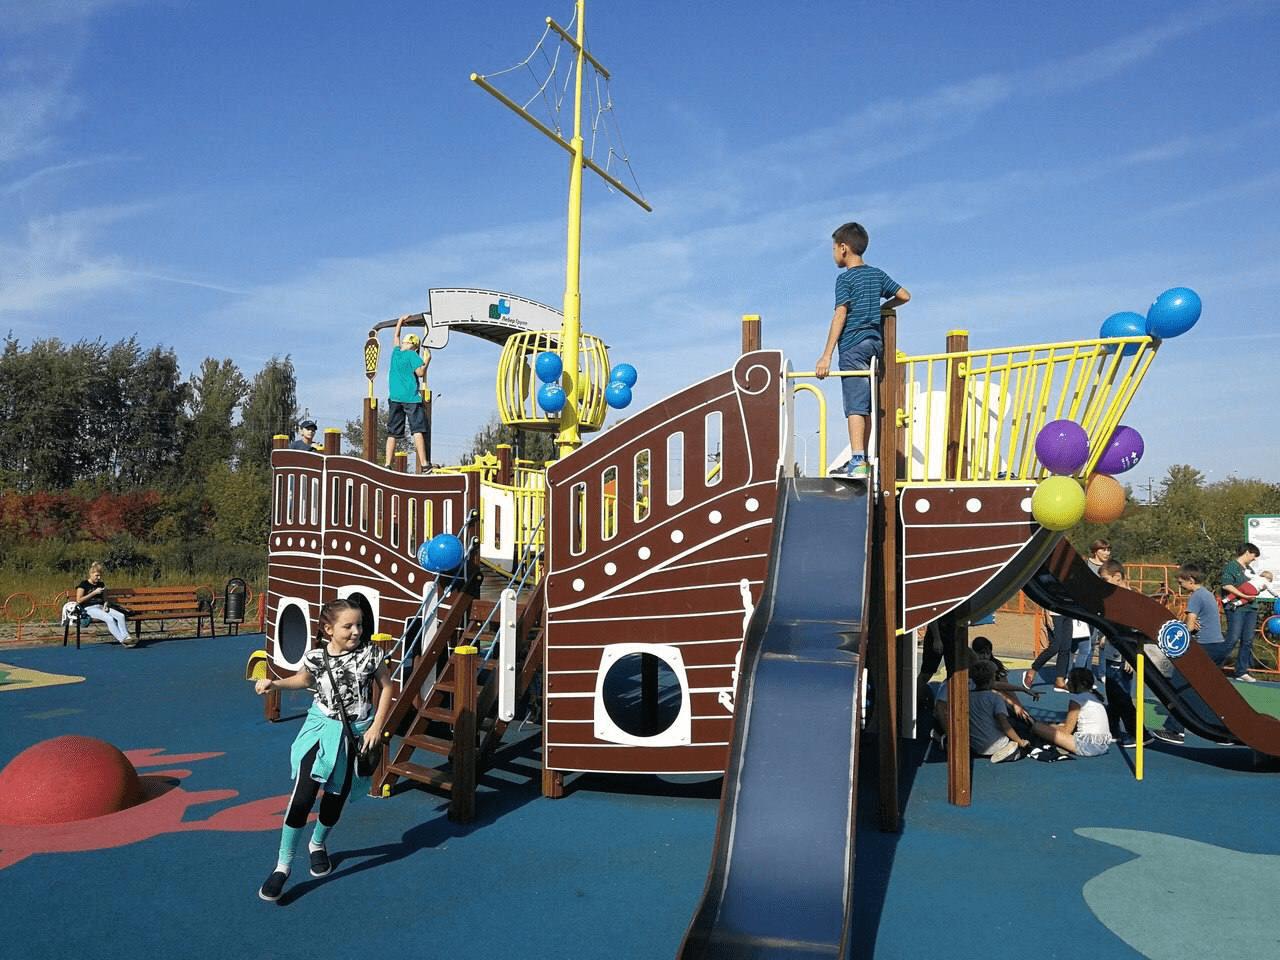 Свыше 700 дворов благоустроят к октябрю в Подмосковье | Изображение 1